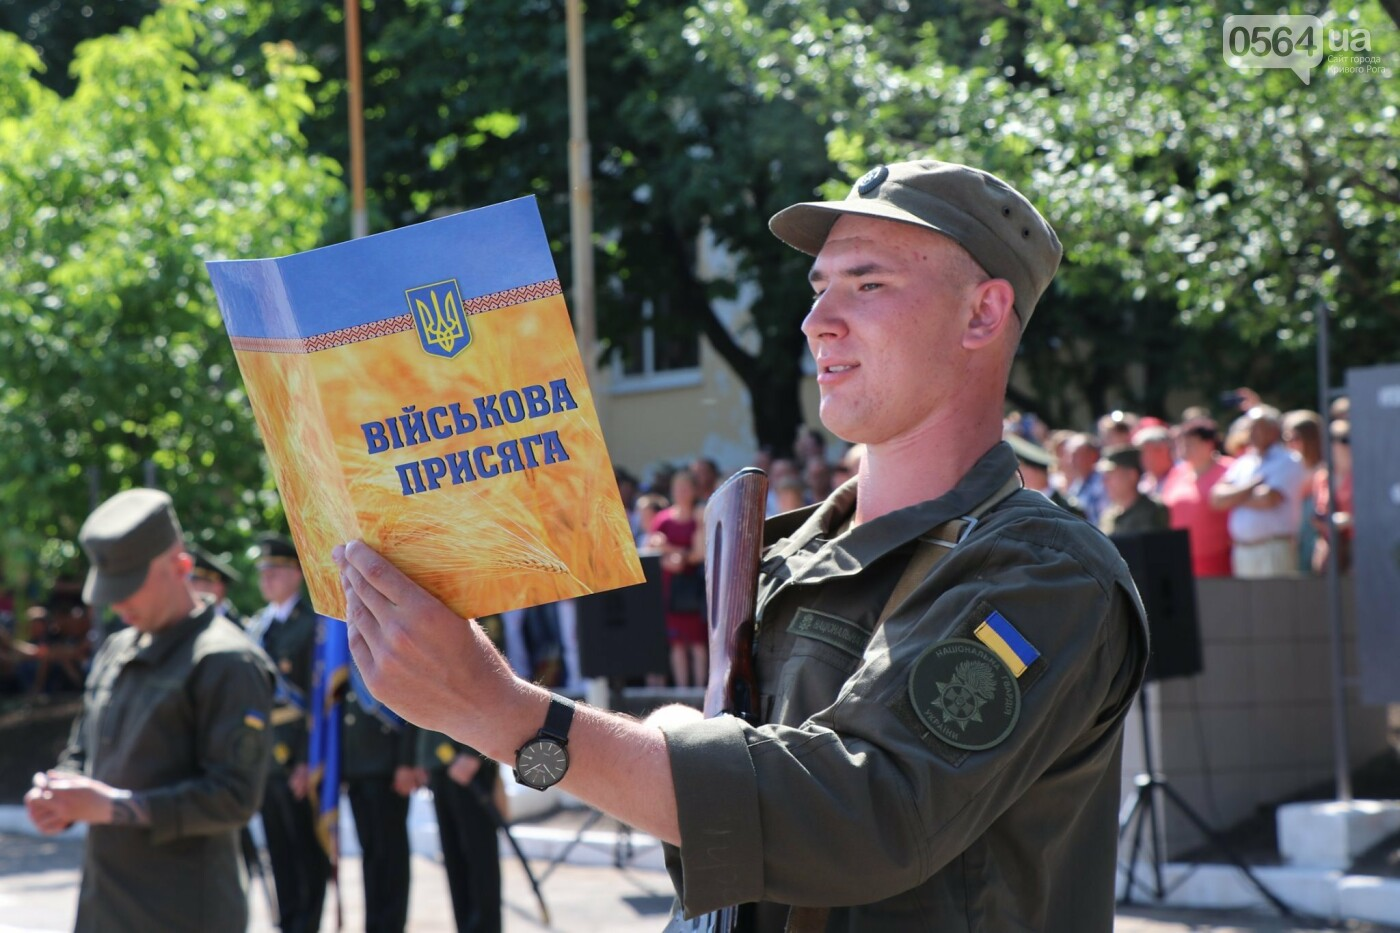 В Кривом Роге 168 нацгвардейцев торжественно приняли присягу на верность украинскому народу, - ФОТО, фото-15